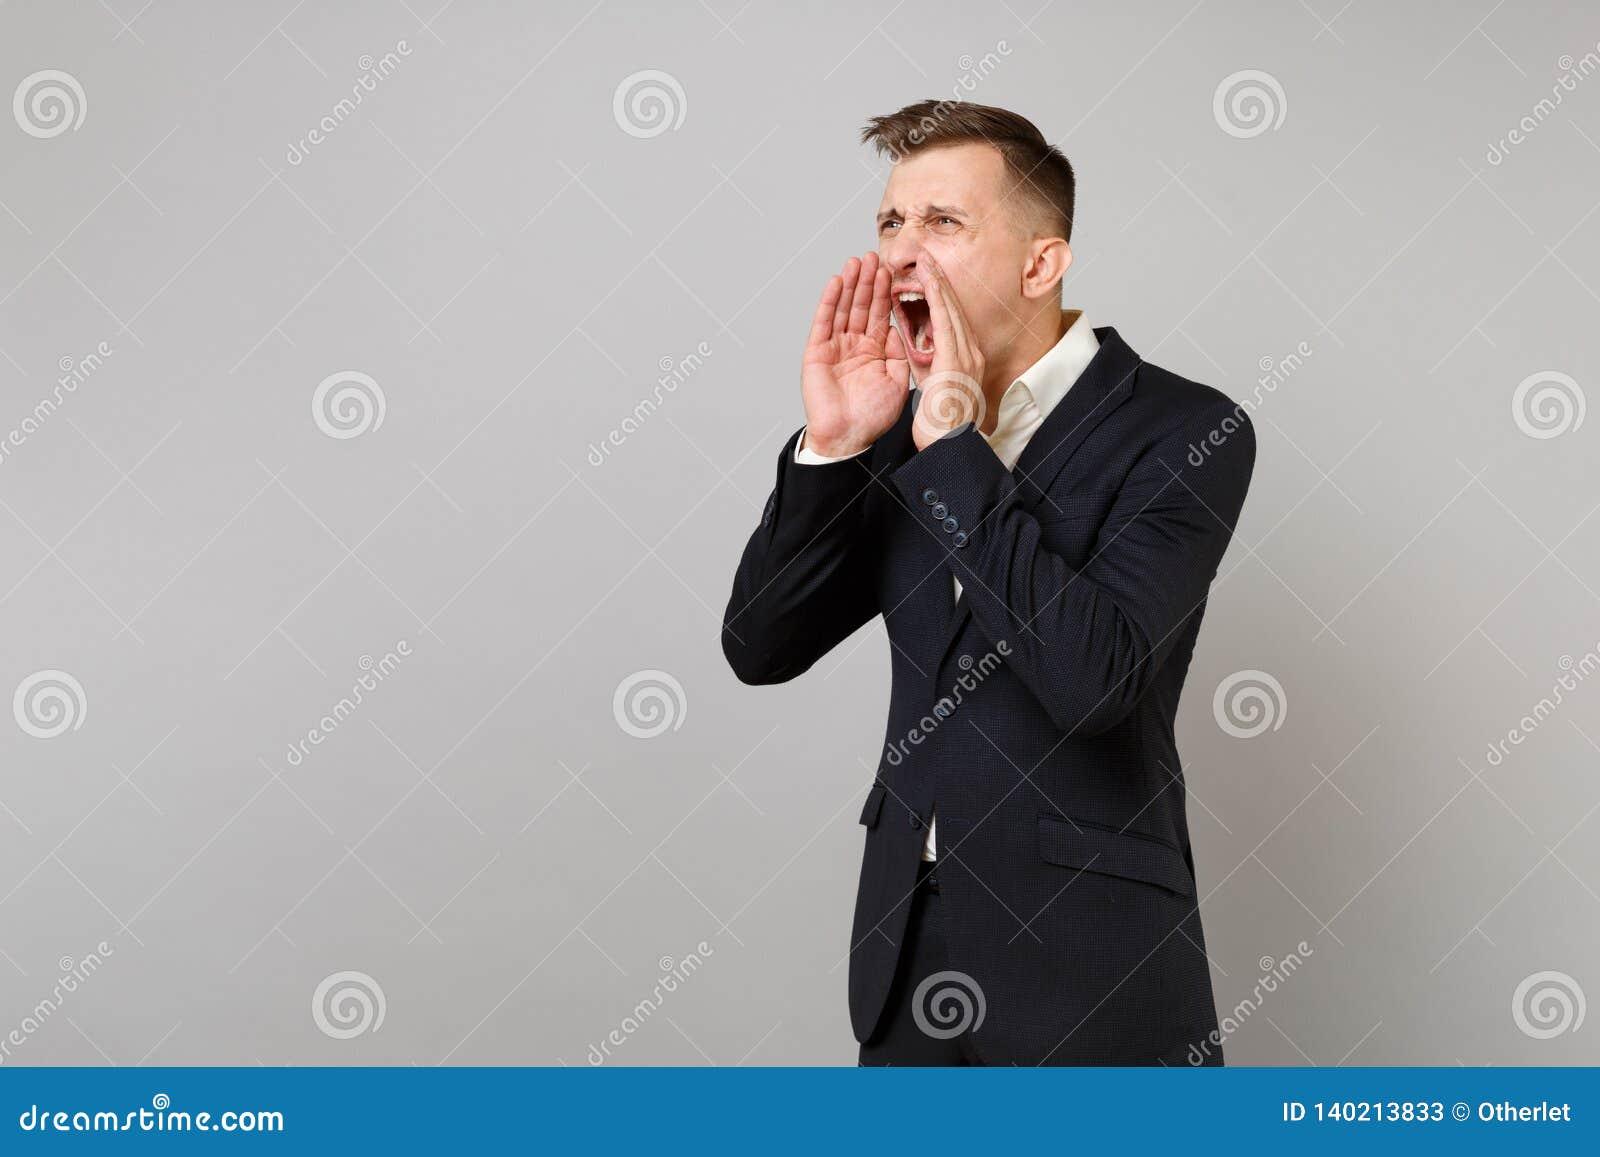 恼怒的年轻商人画象经典黑衣服衬衣的尖叫与手势隔绝在灰色墙壁上